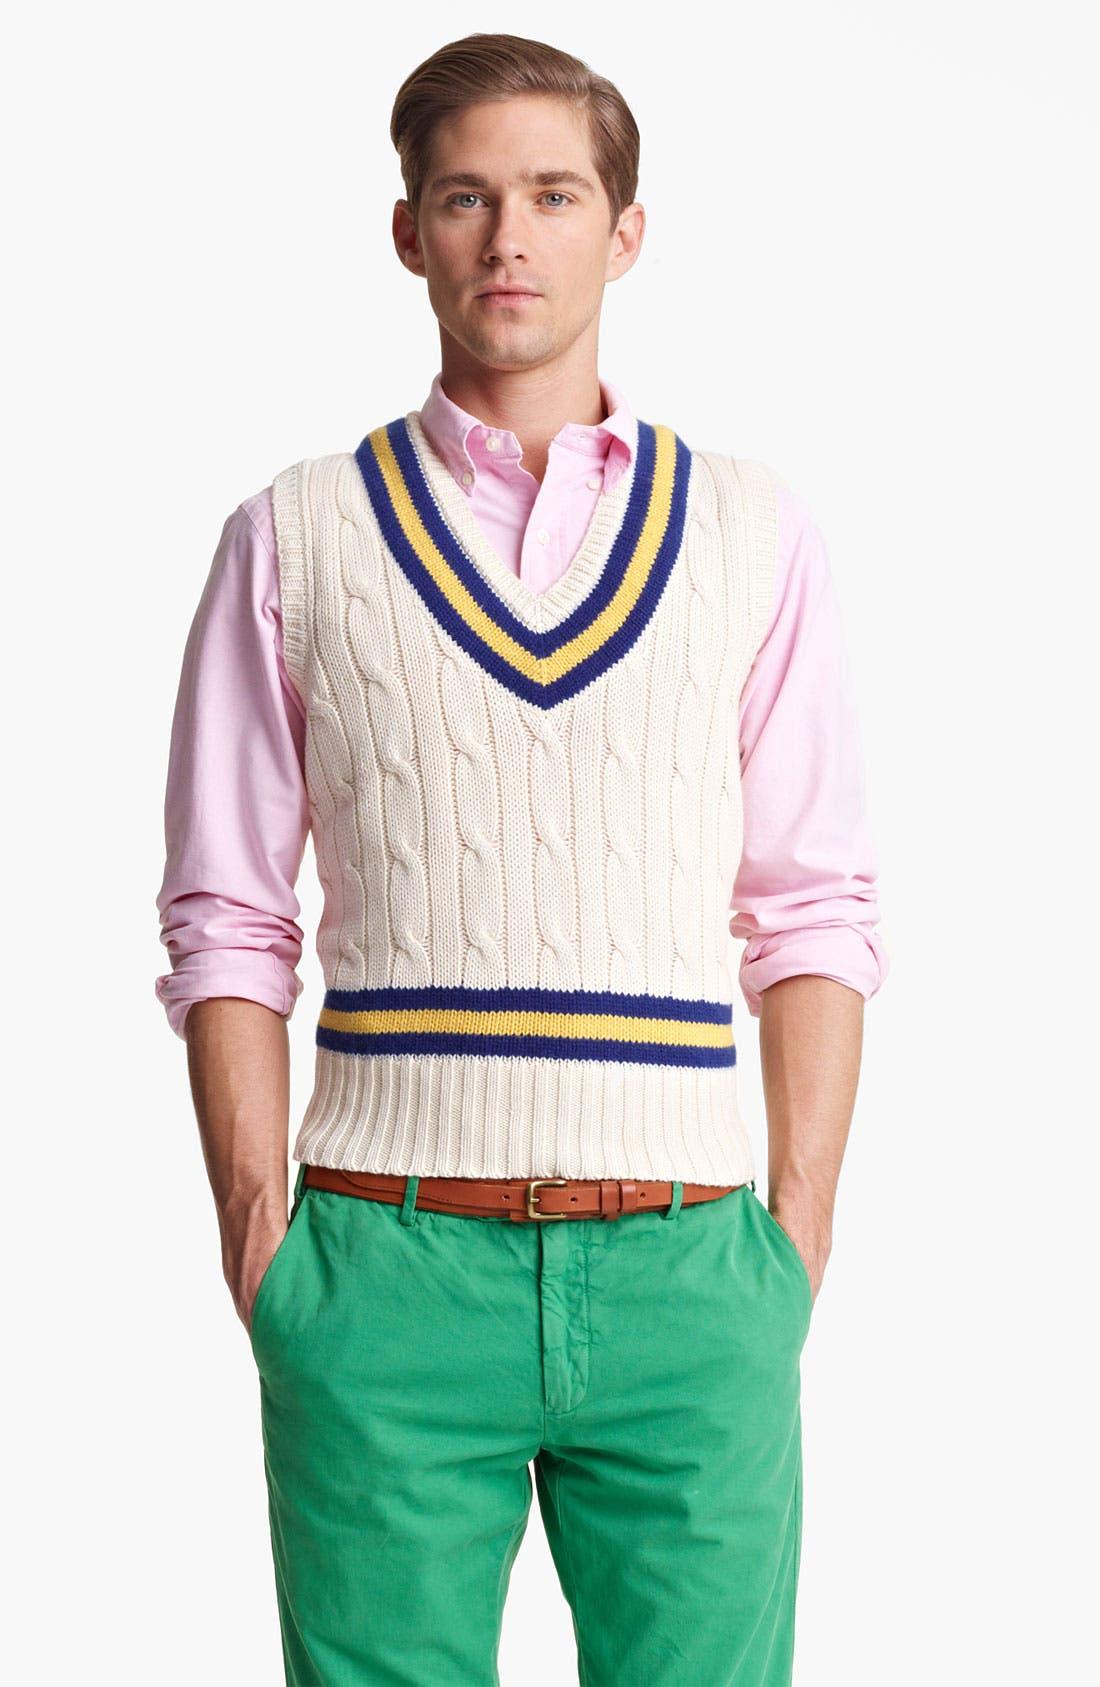 Alternate Image 1 Selected - Polo Ralph Lauren V-Neck Sweater Vest